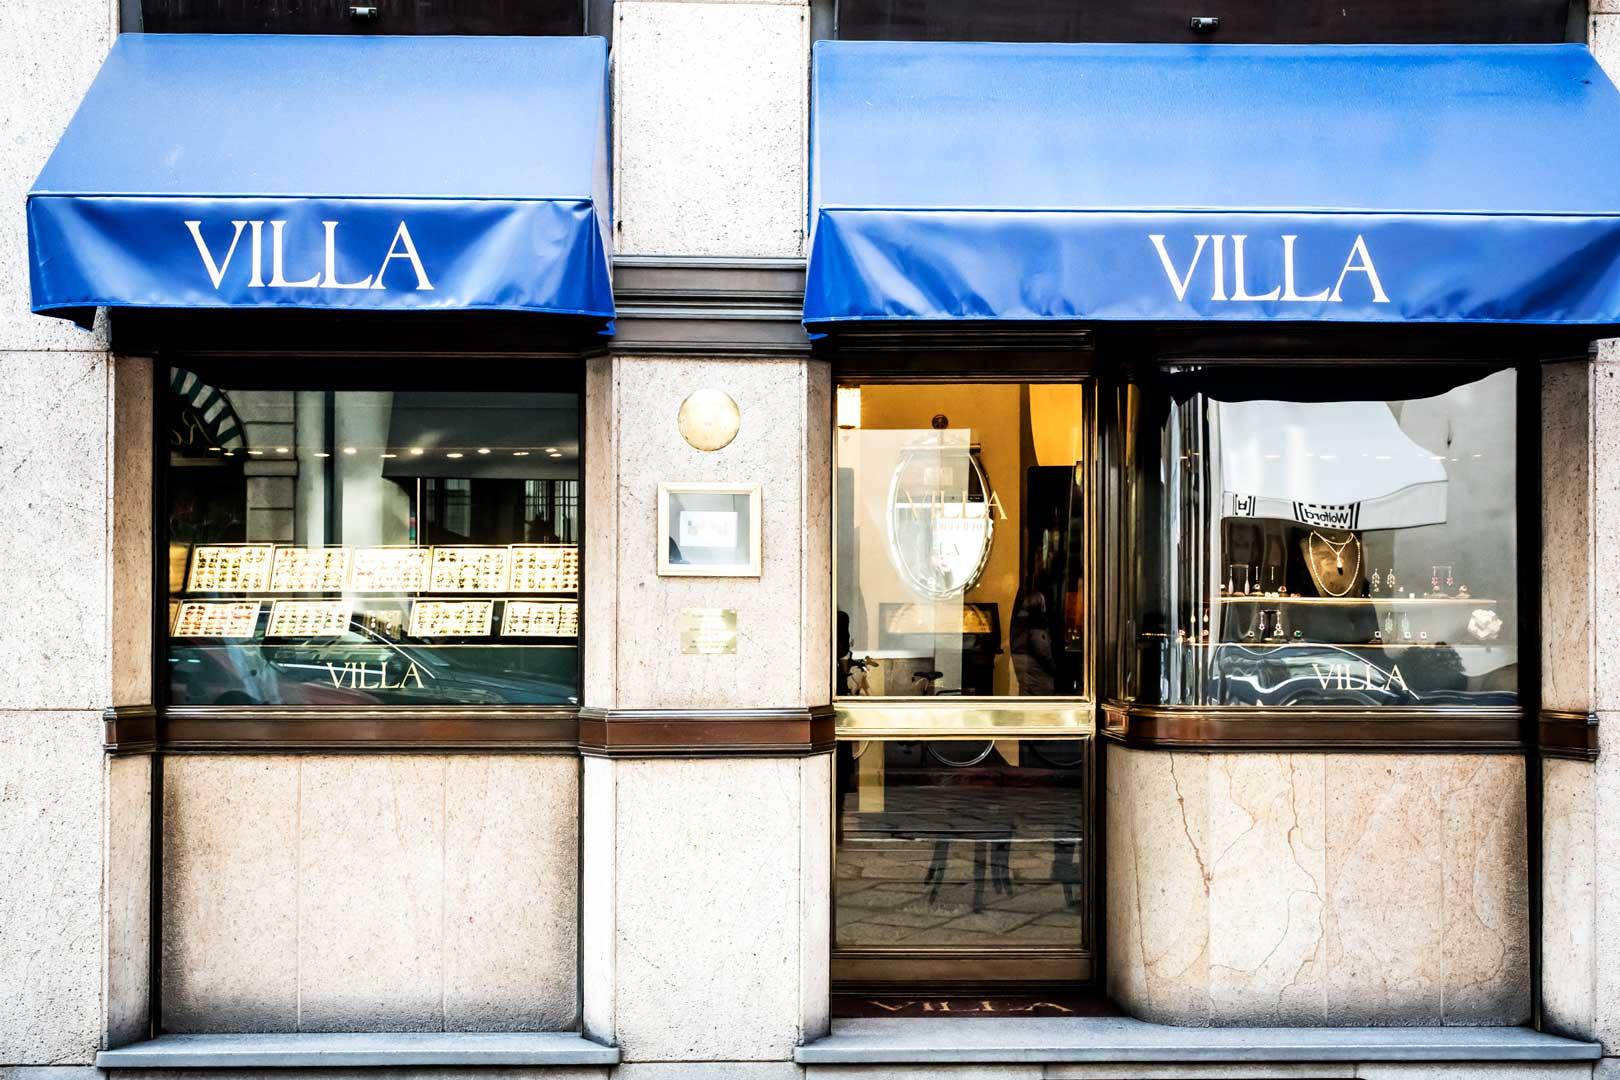 Gioielleria Villa